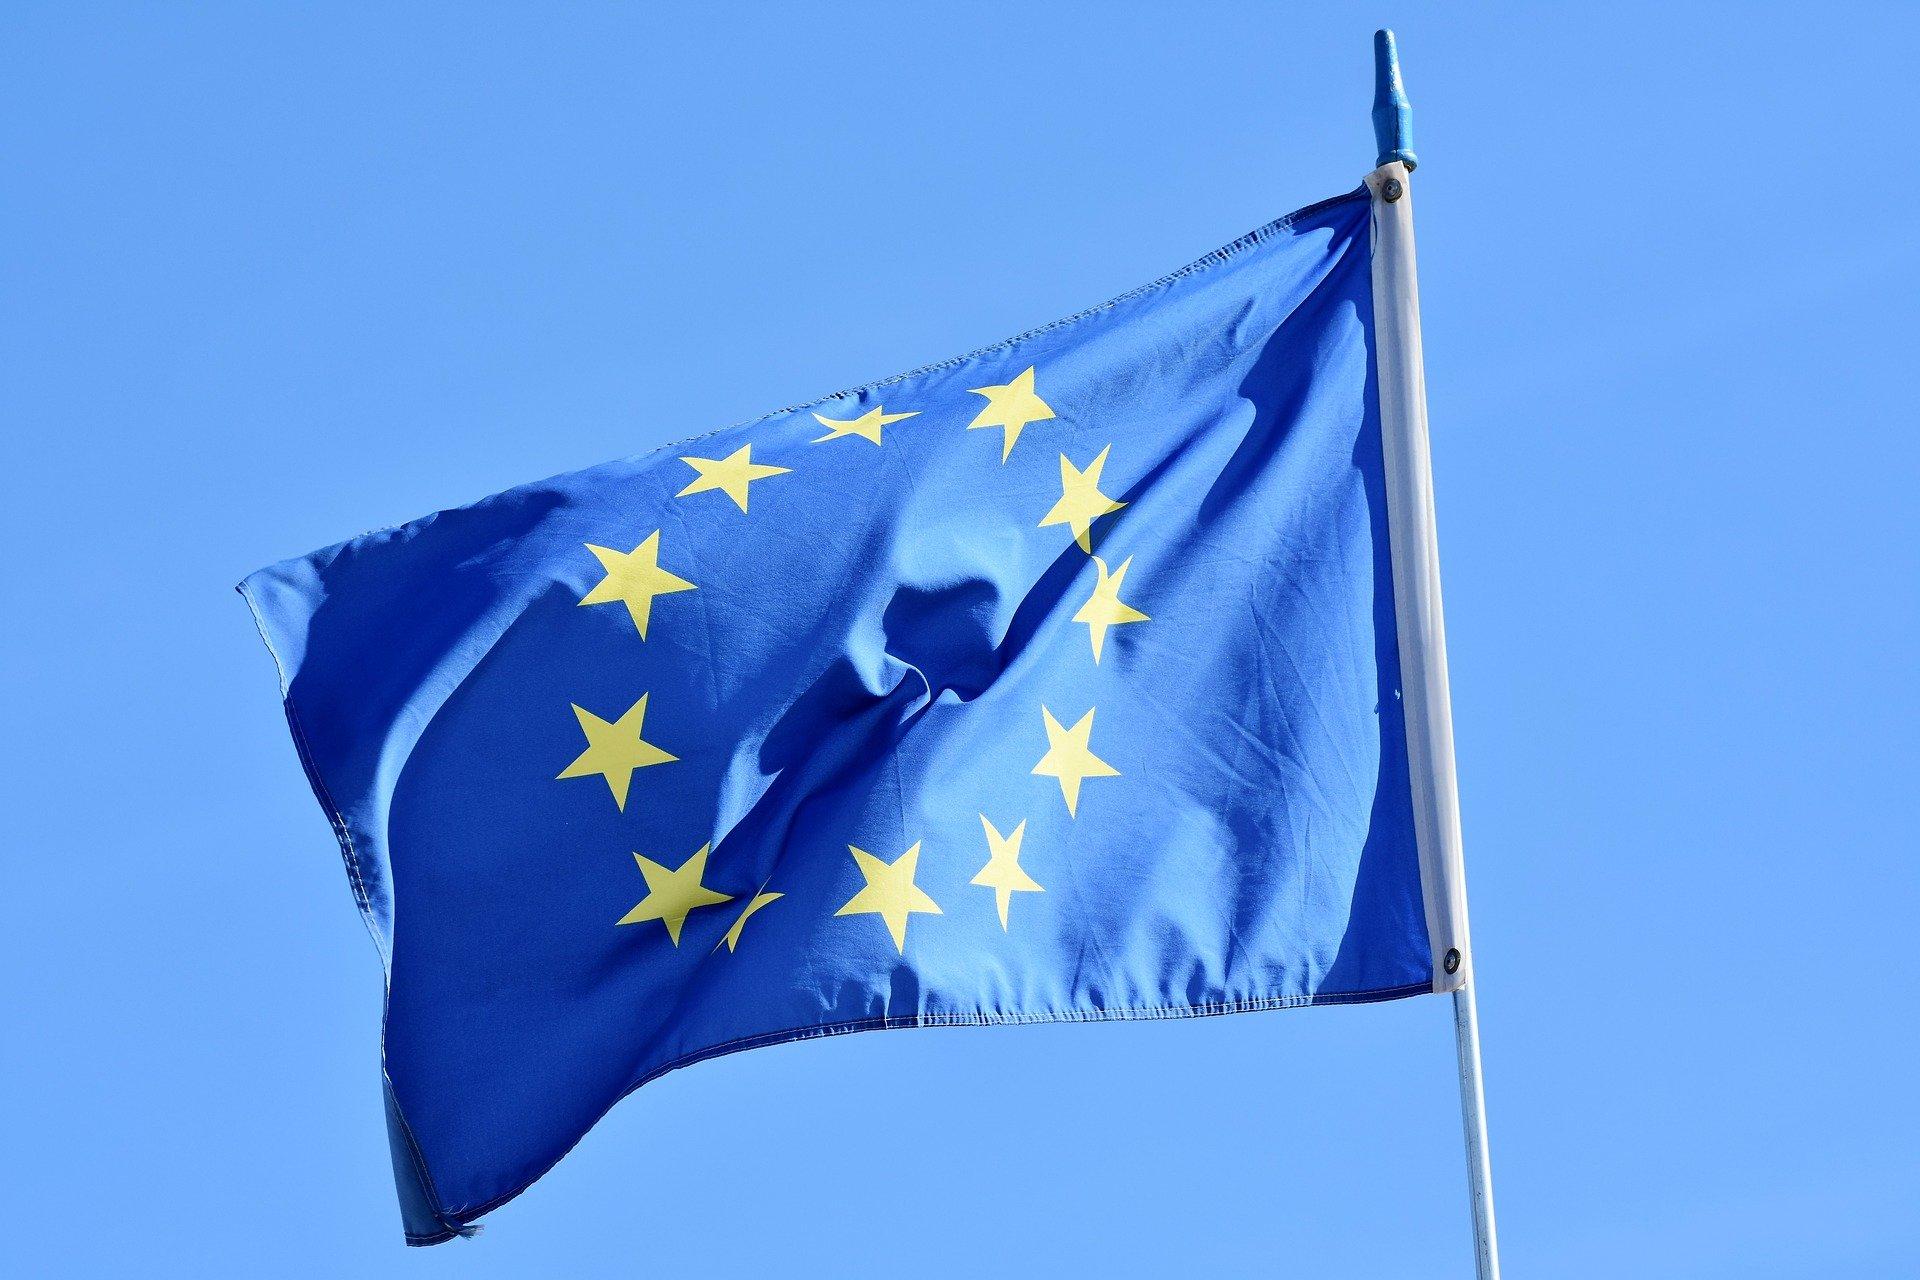 Pomoc EU a NATO vítáme s poděkováním. ČR však musí solidaritu opětovat, ne pouze přijímat